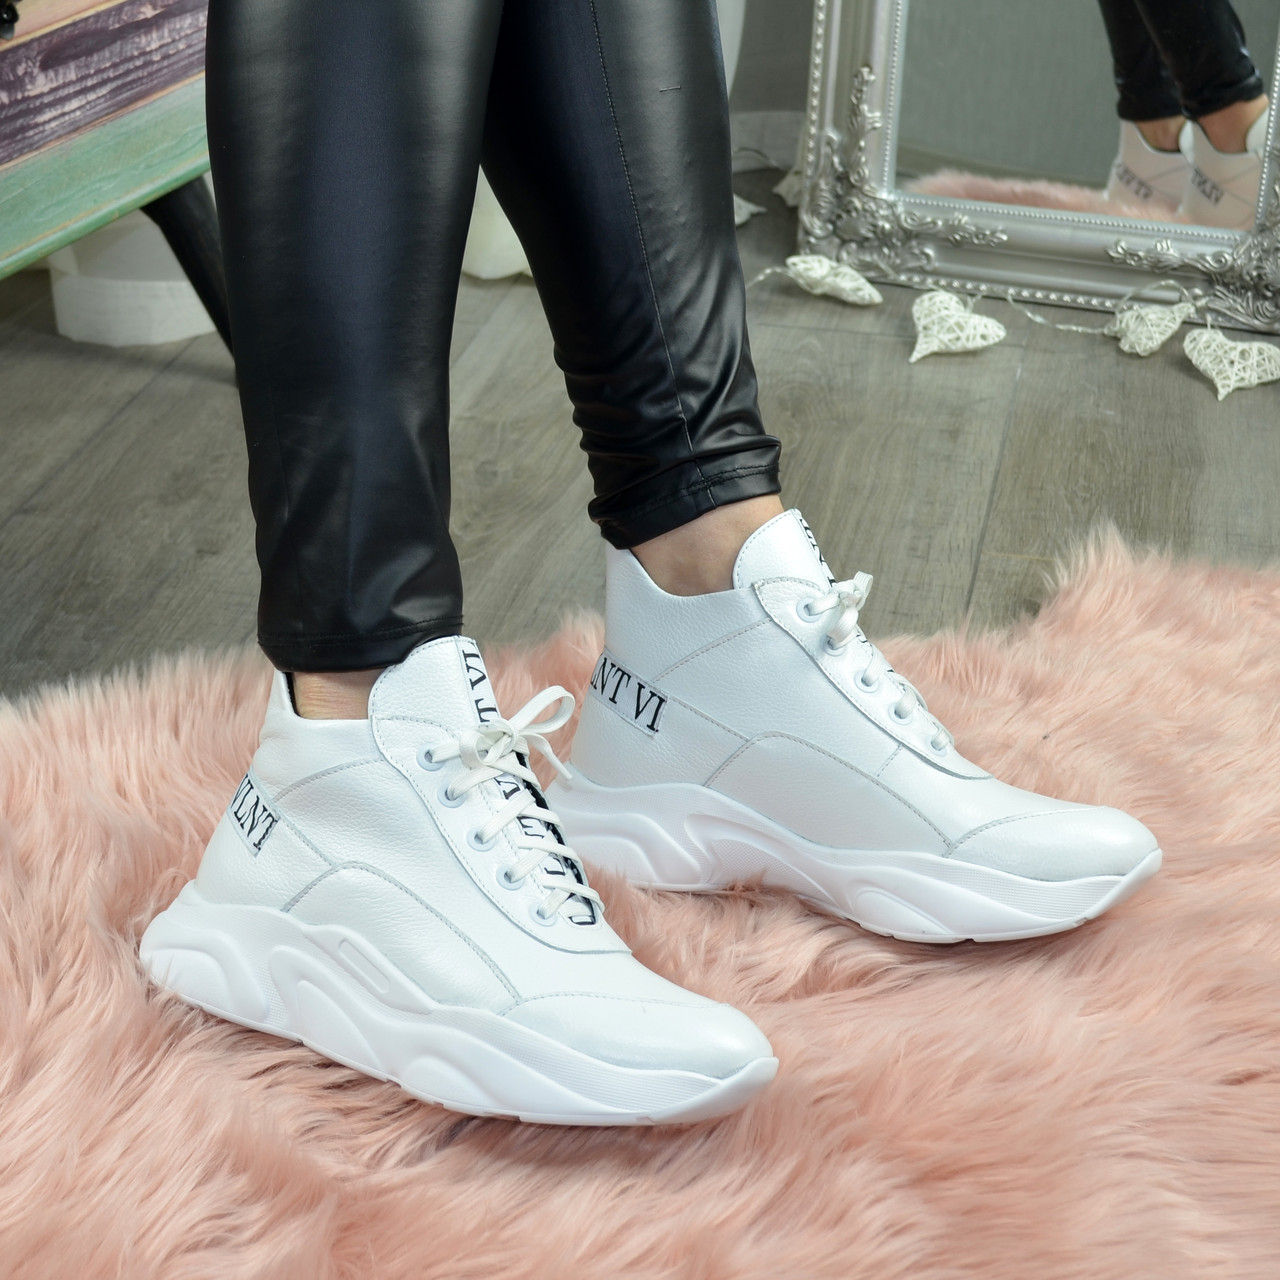 Ботинки женские кожаные демисезонные на шнурках, цвет белый